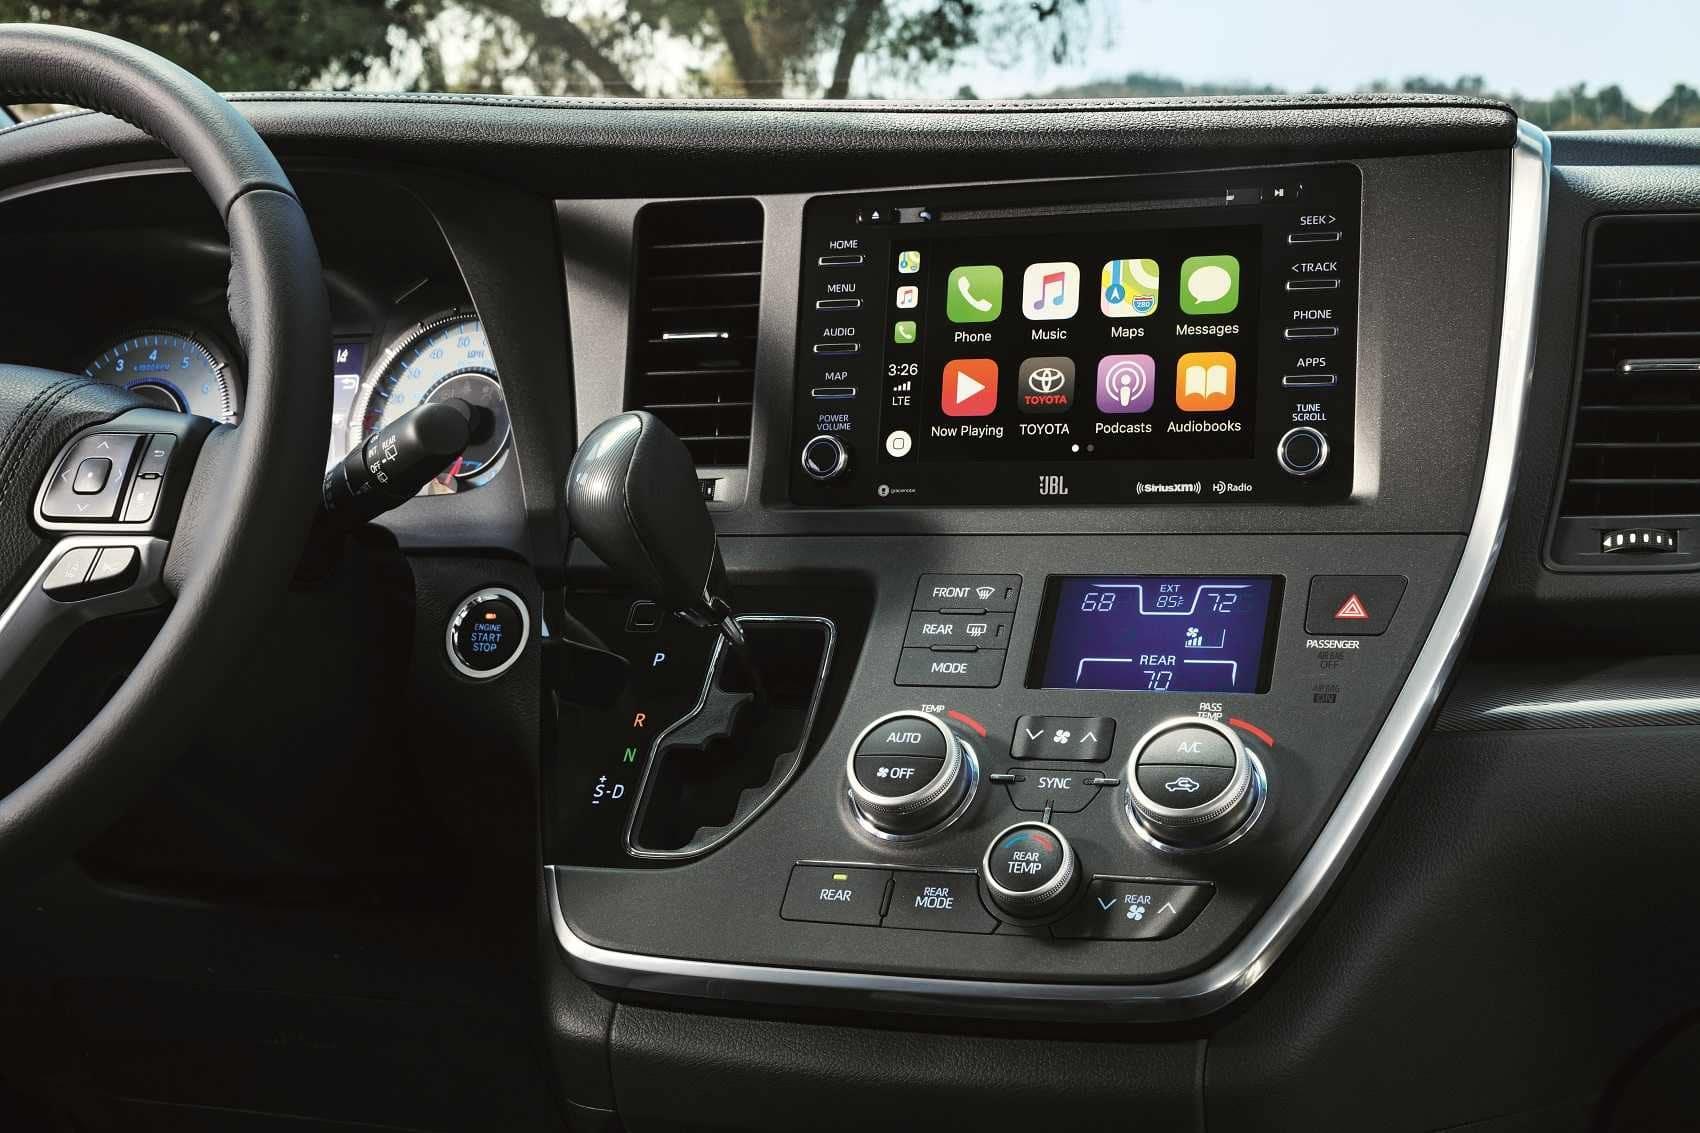 Toyota Sienna Interior Technology